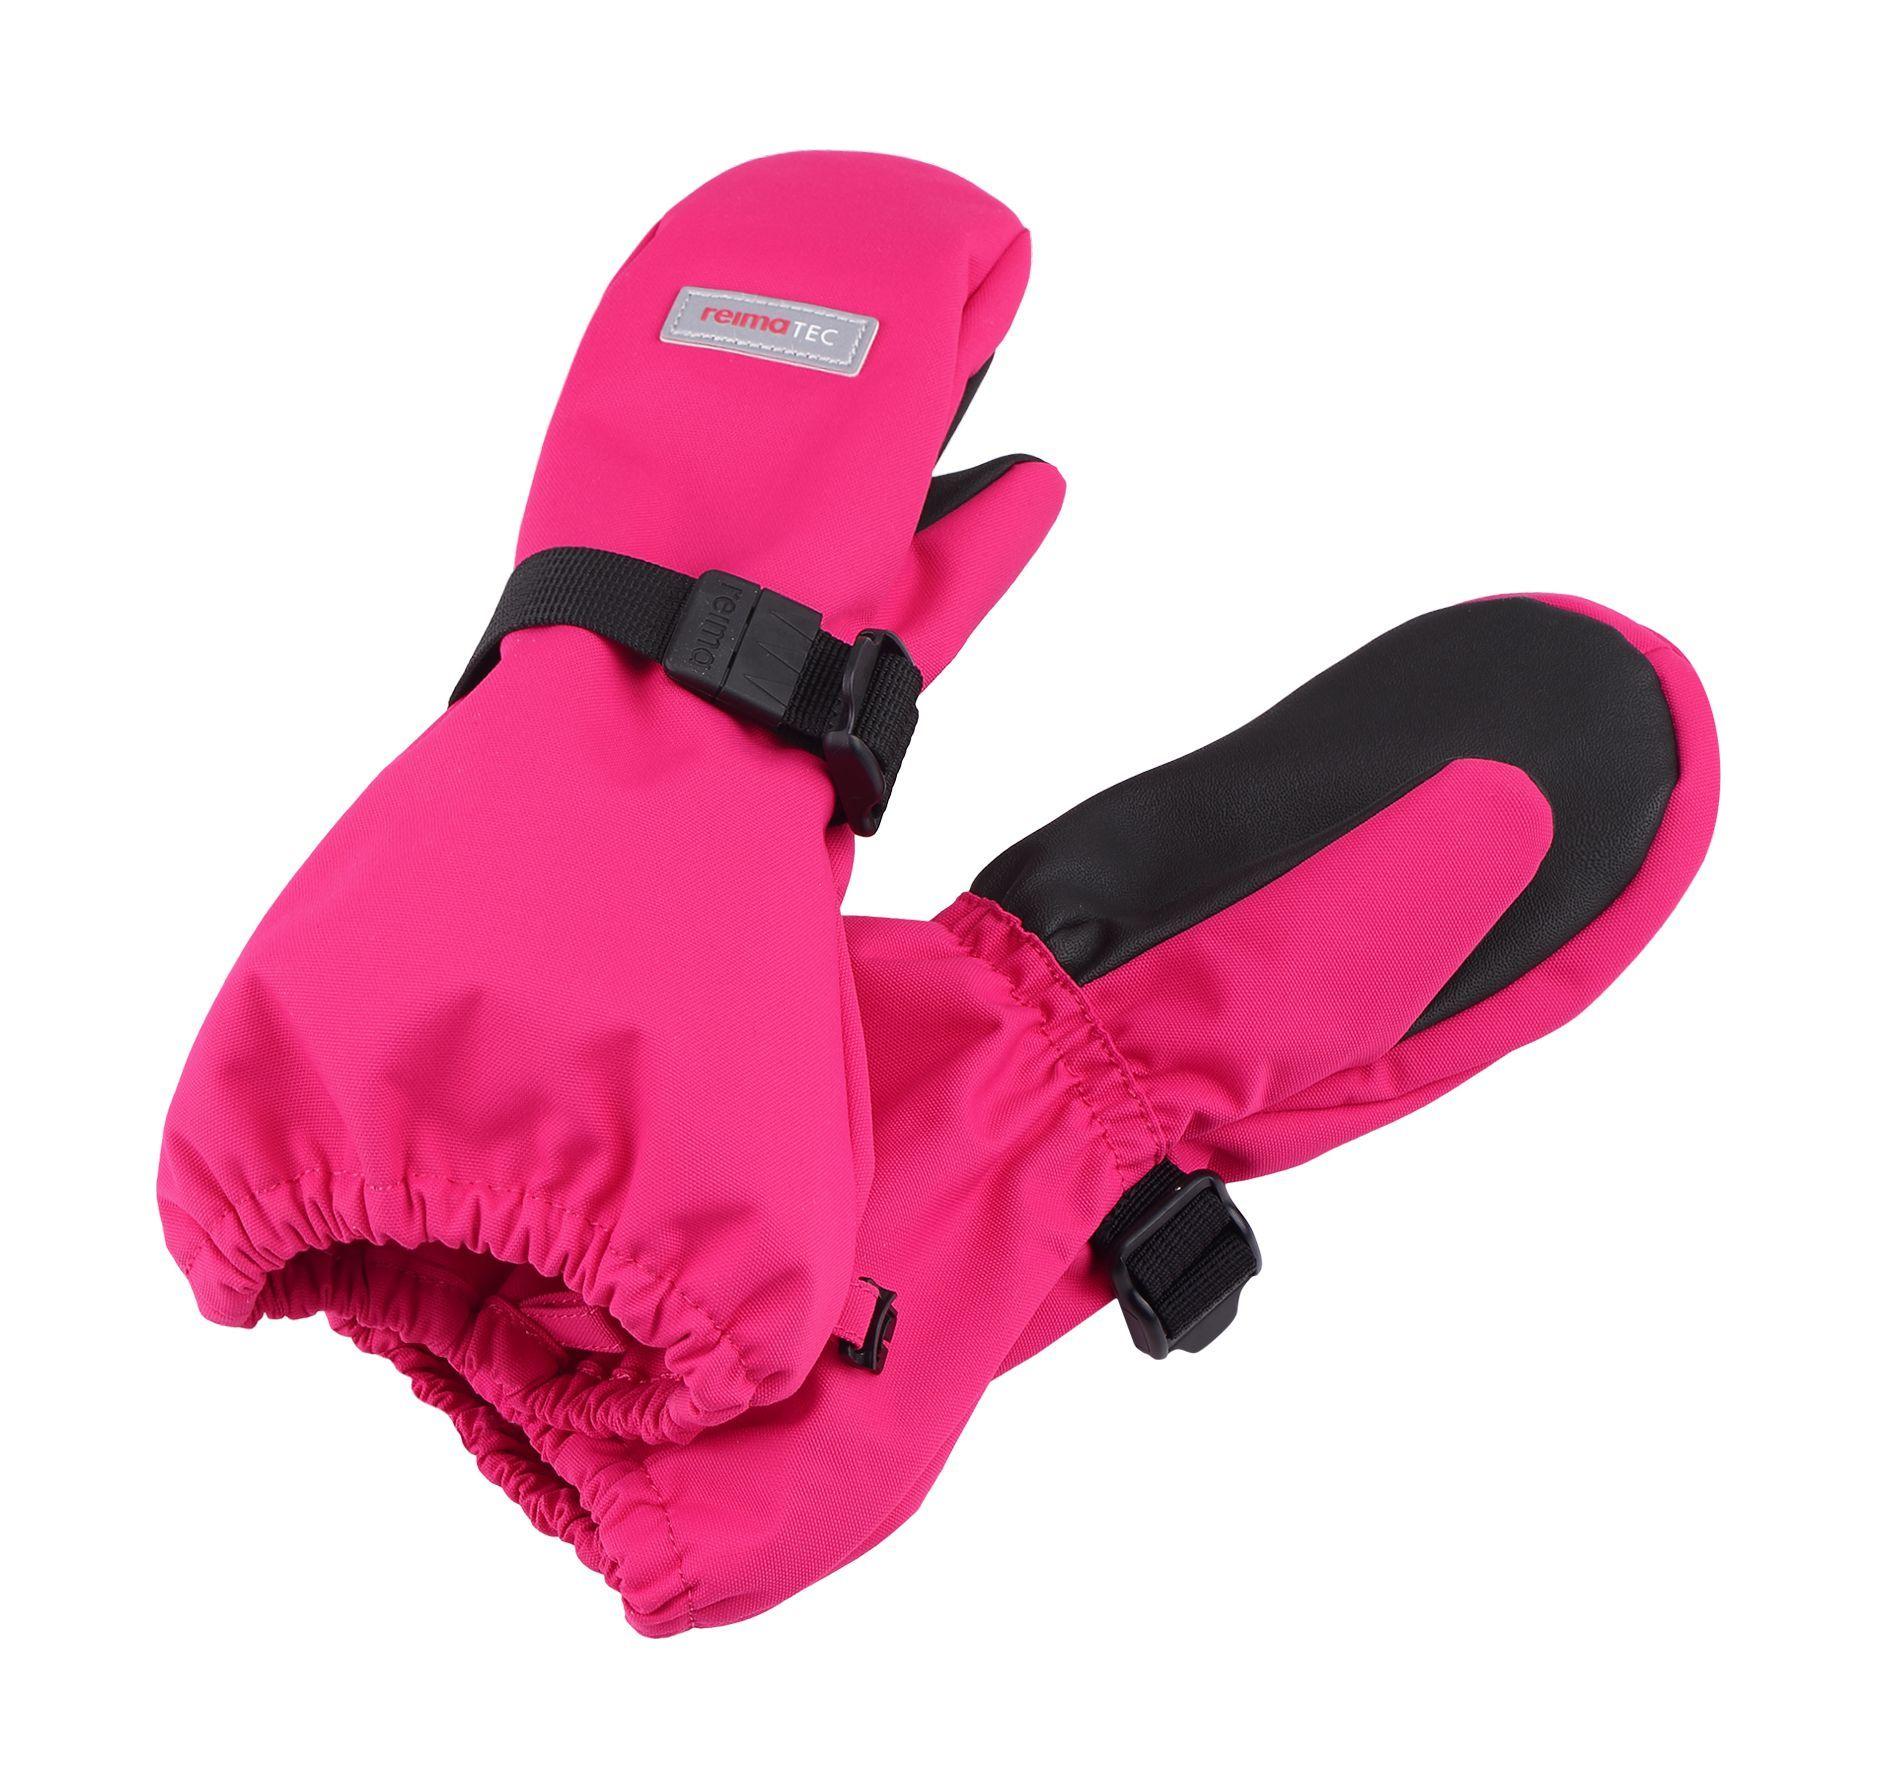 REIMA Askare Raspberry Pink 5